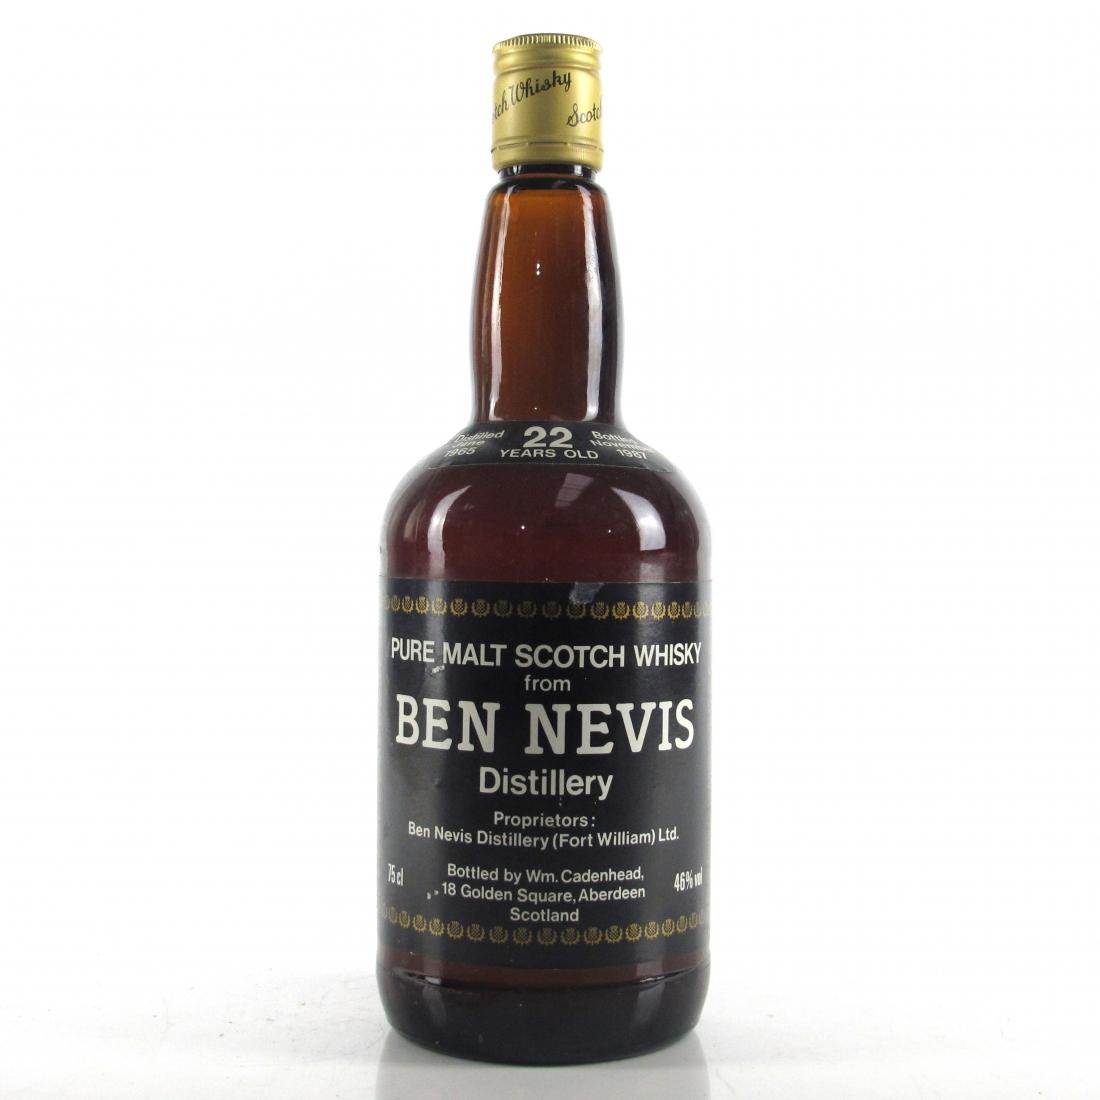 Ben Nevis 1965 Cadenhead's 22 Year Old